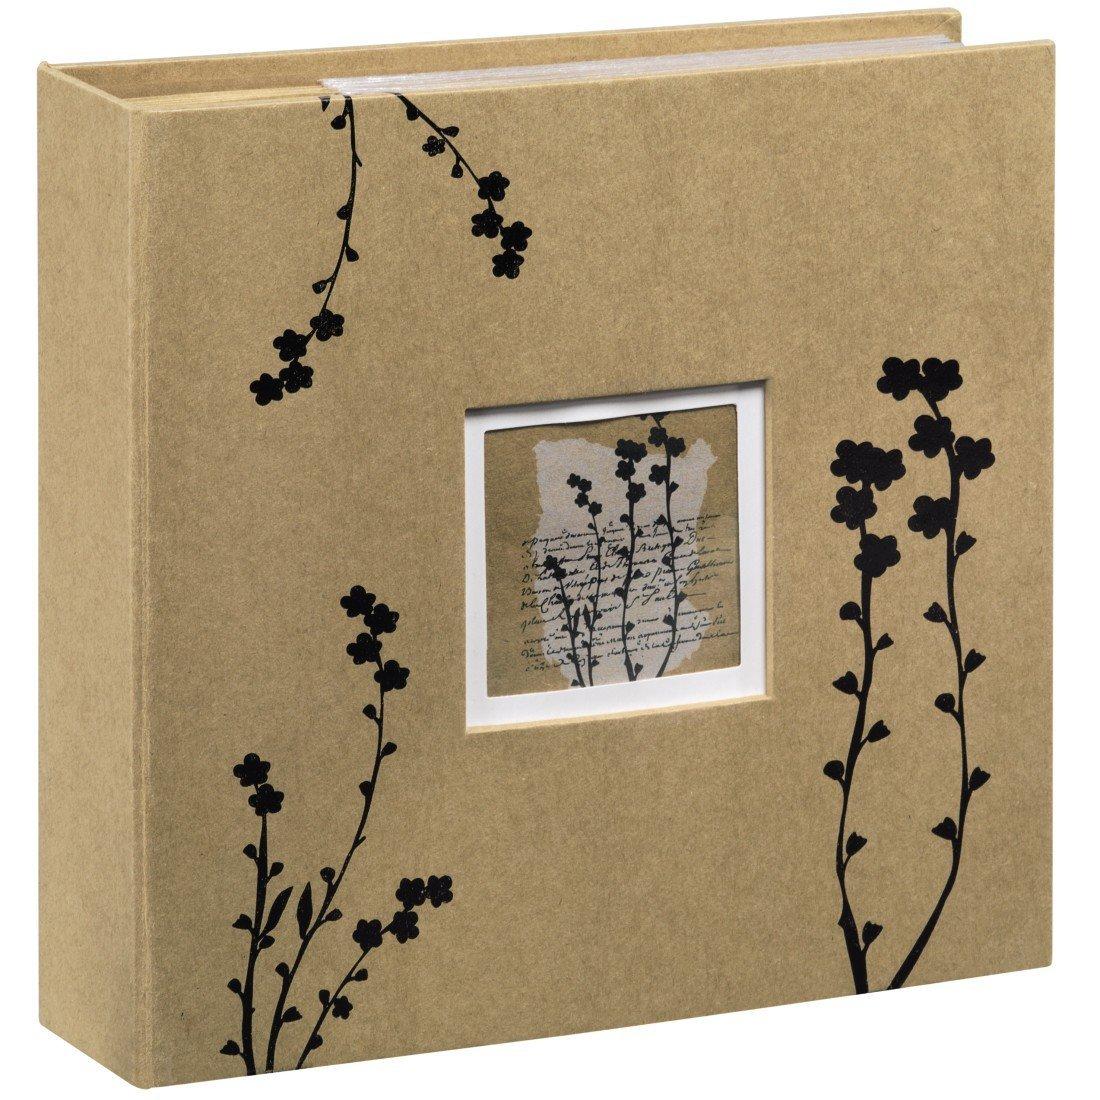 Fotoalbum in braun mit schwarzen Blumen